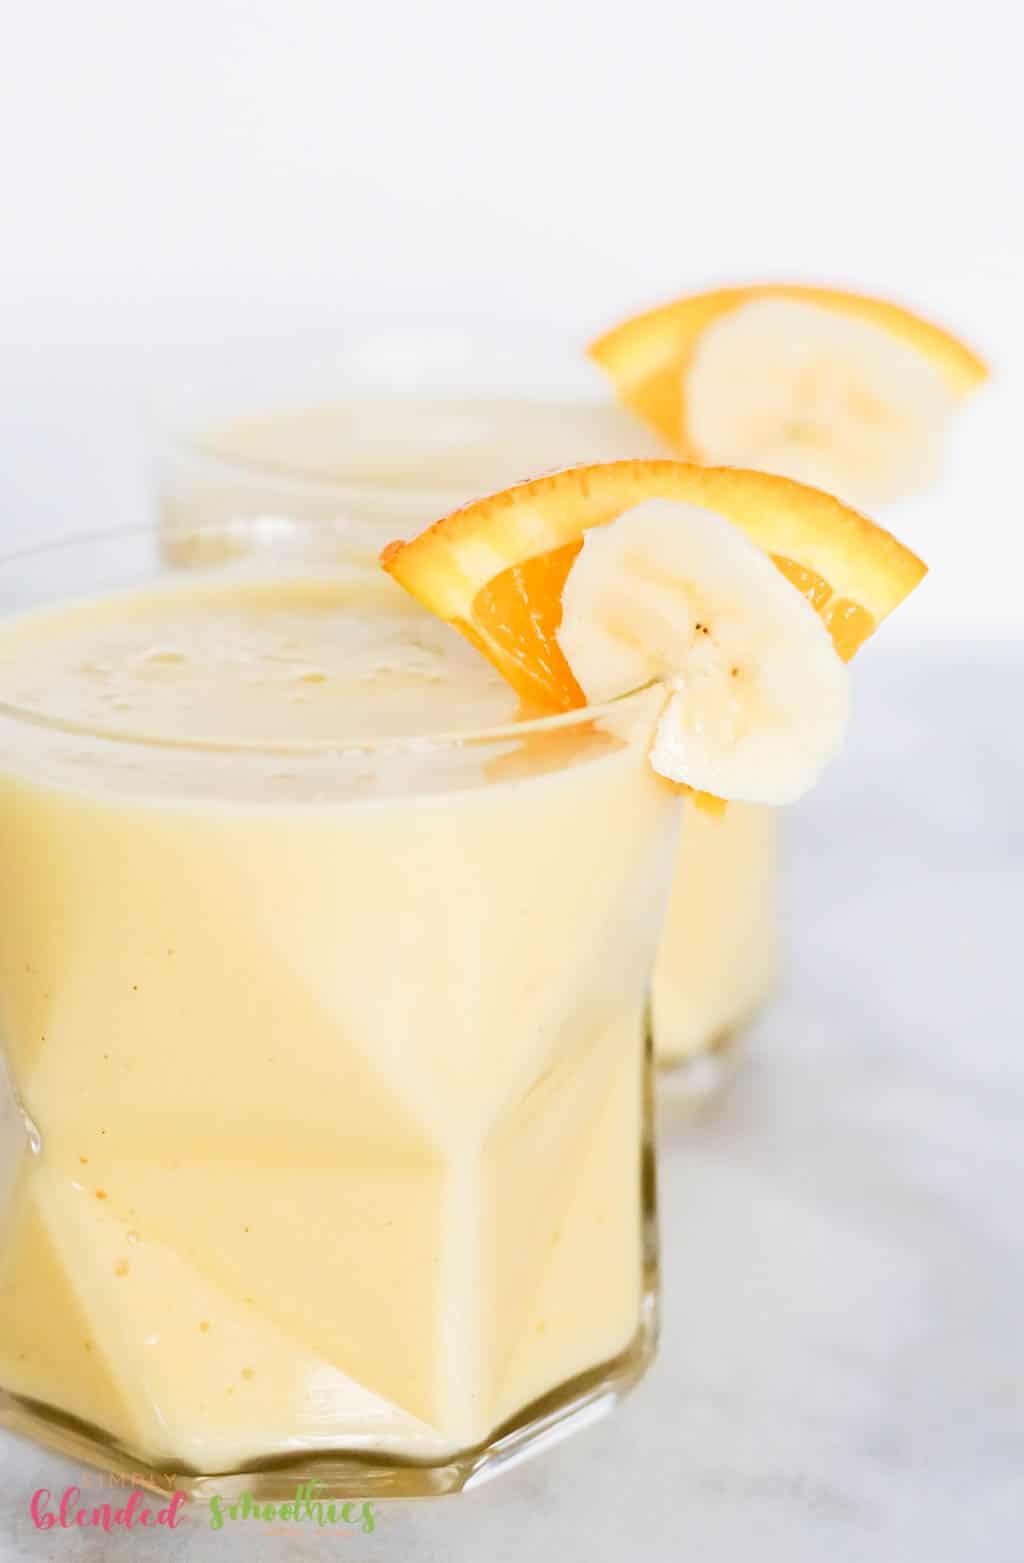 Orange Banana Smoothie Recipe With Oranges And Bananas As Garnish